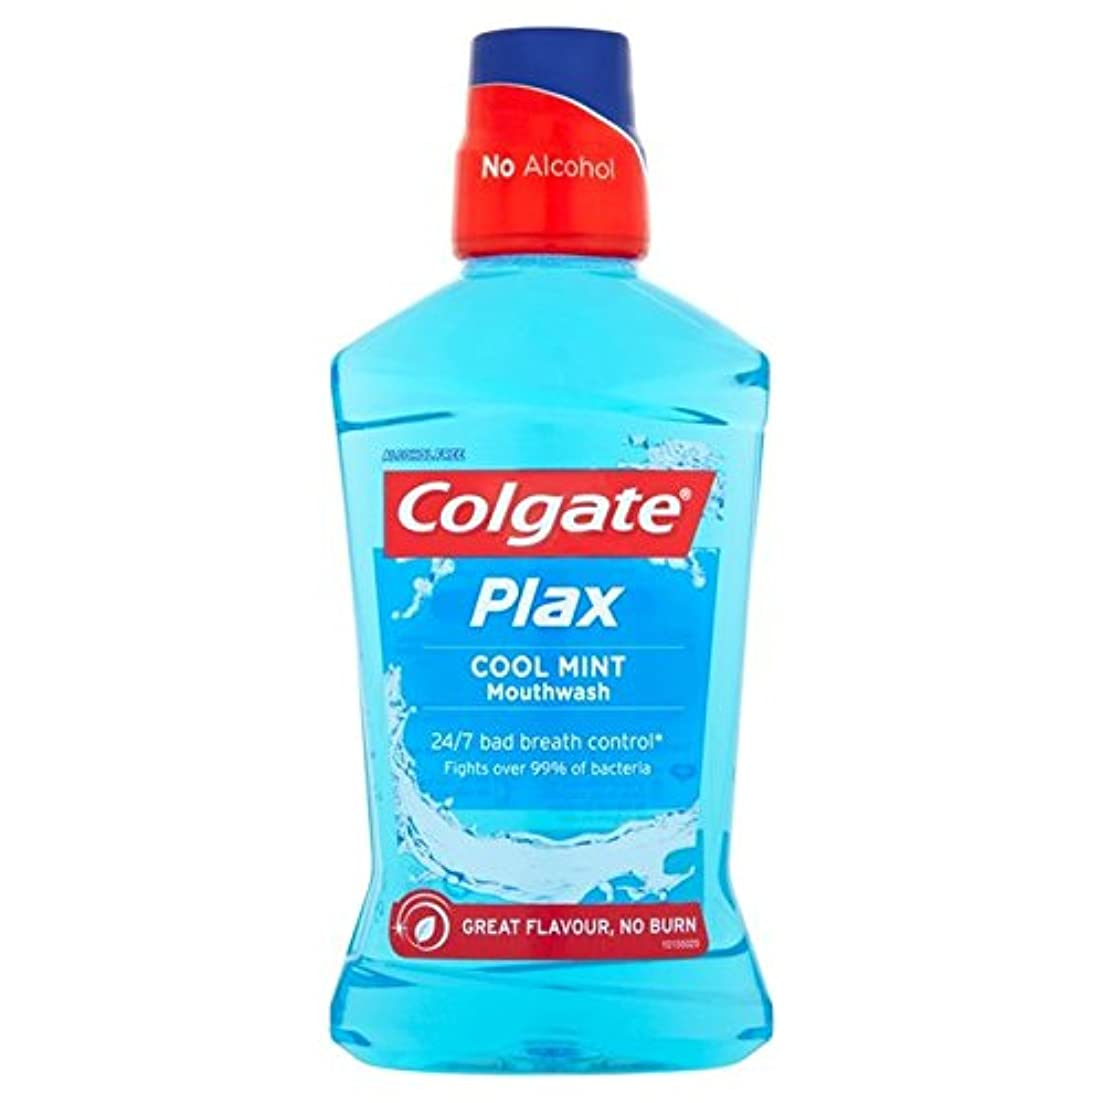 不適切な波似ているコルゲートクールなブルーのマウスウォッシュ500ミリリットル x4 - Colgate Plax Cool Blue Mouthwash 500ml (Pack of 4) [並行輸入品]